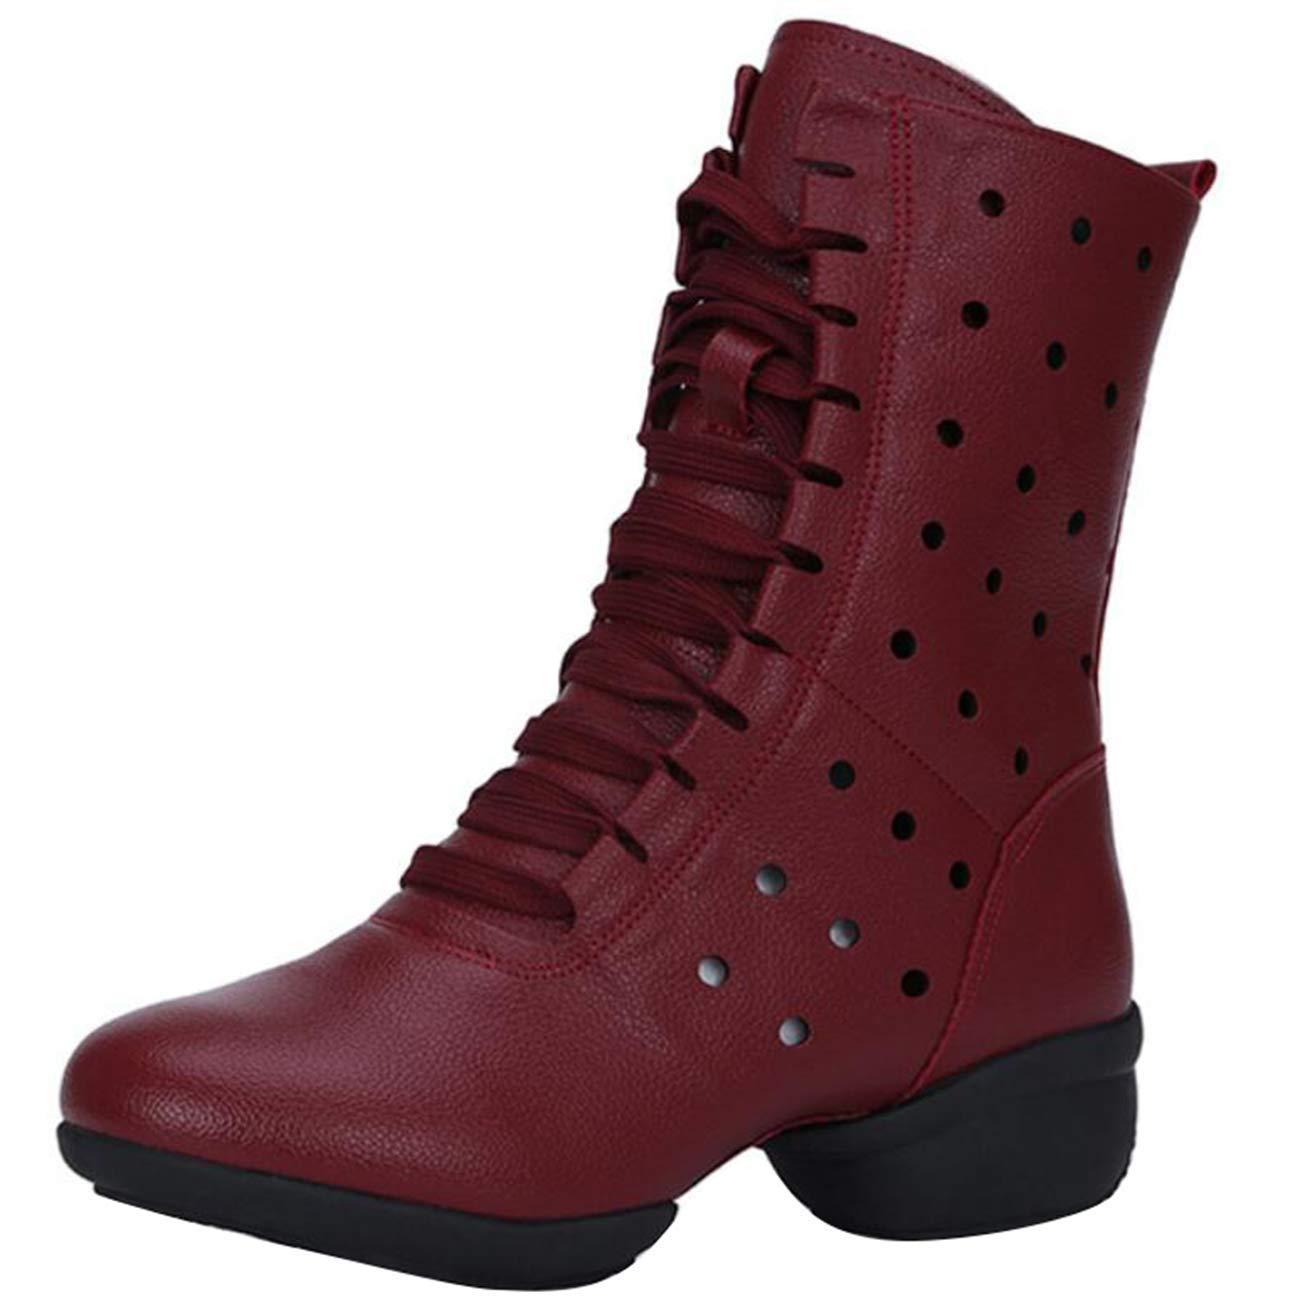 Eeayyygch Damen Schnürschuh mit Rund-Zehen-Blockabsatz-Hollow Chukka-Stiefeln  (Farbe   Chukka-Stiefeln Rot, Größe   4 UK) 21470b